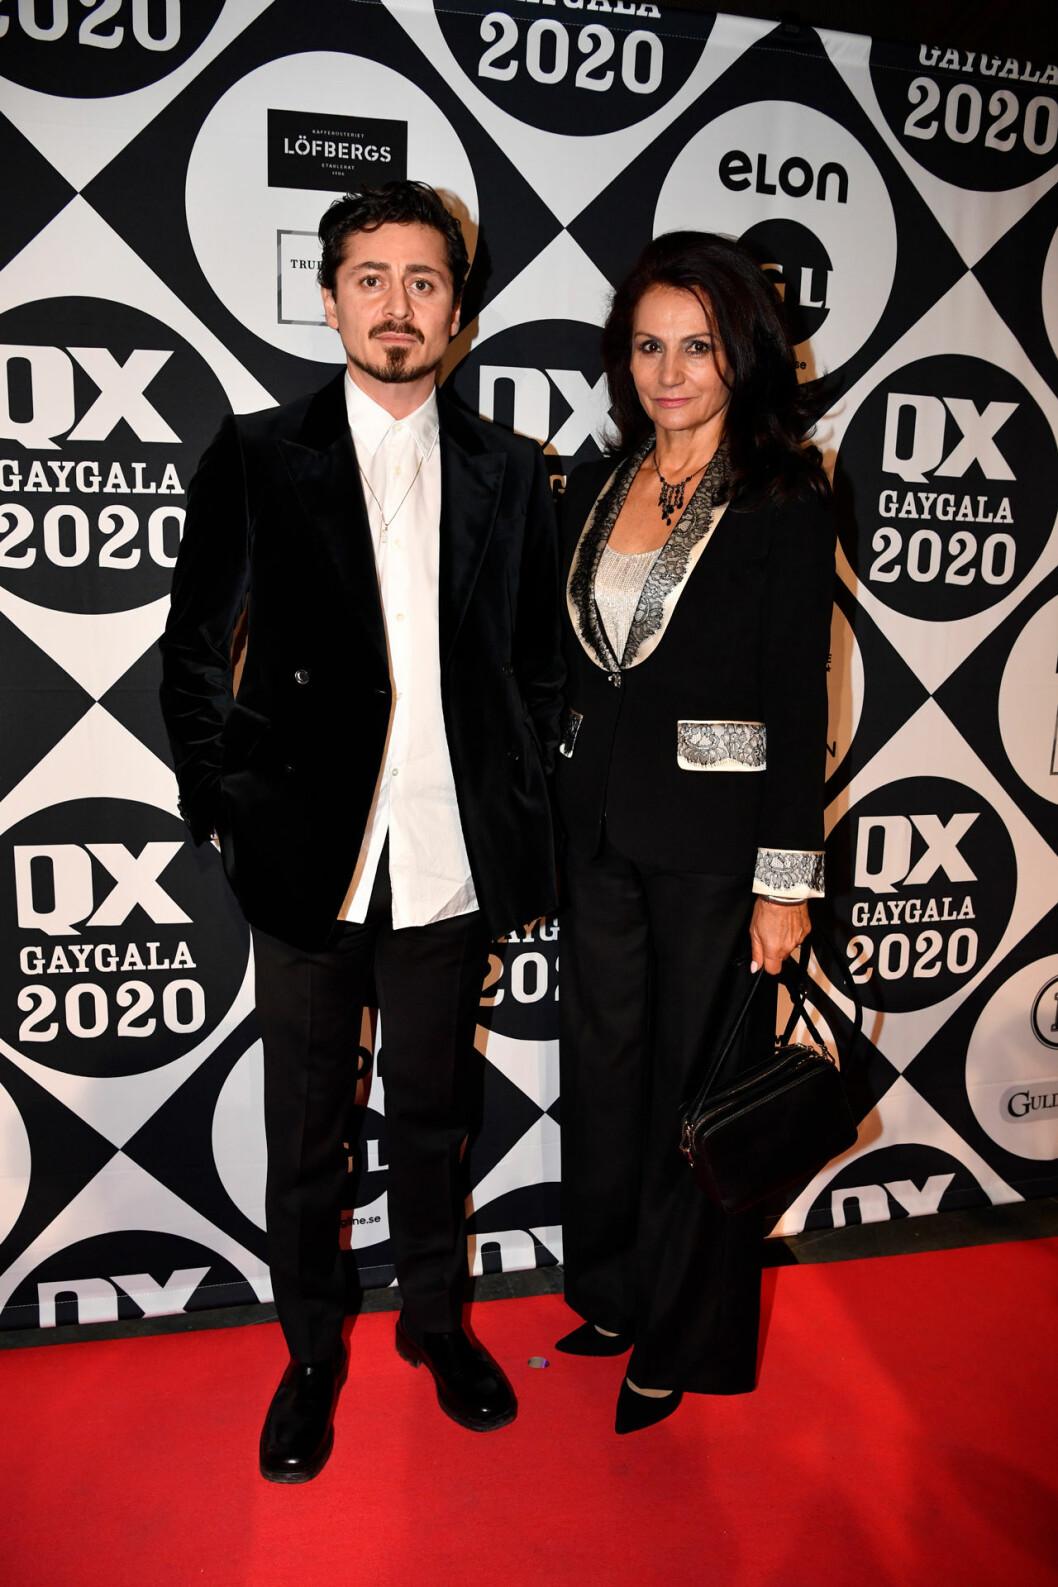 Alexej Manvelov och Malgorzata Pieczynska på röda mattan på QX-galan 2020